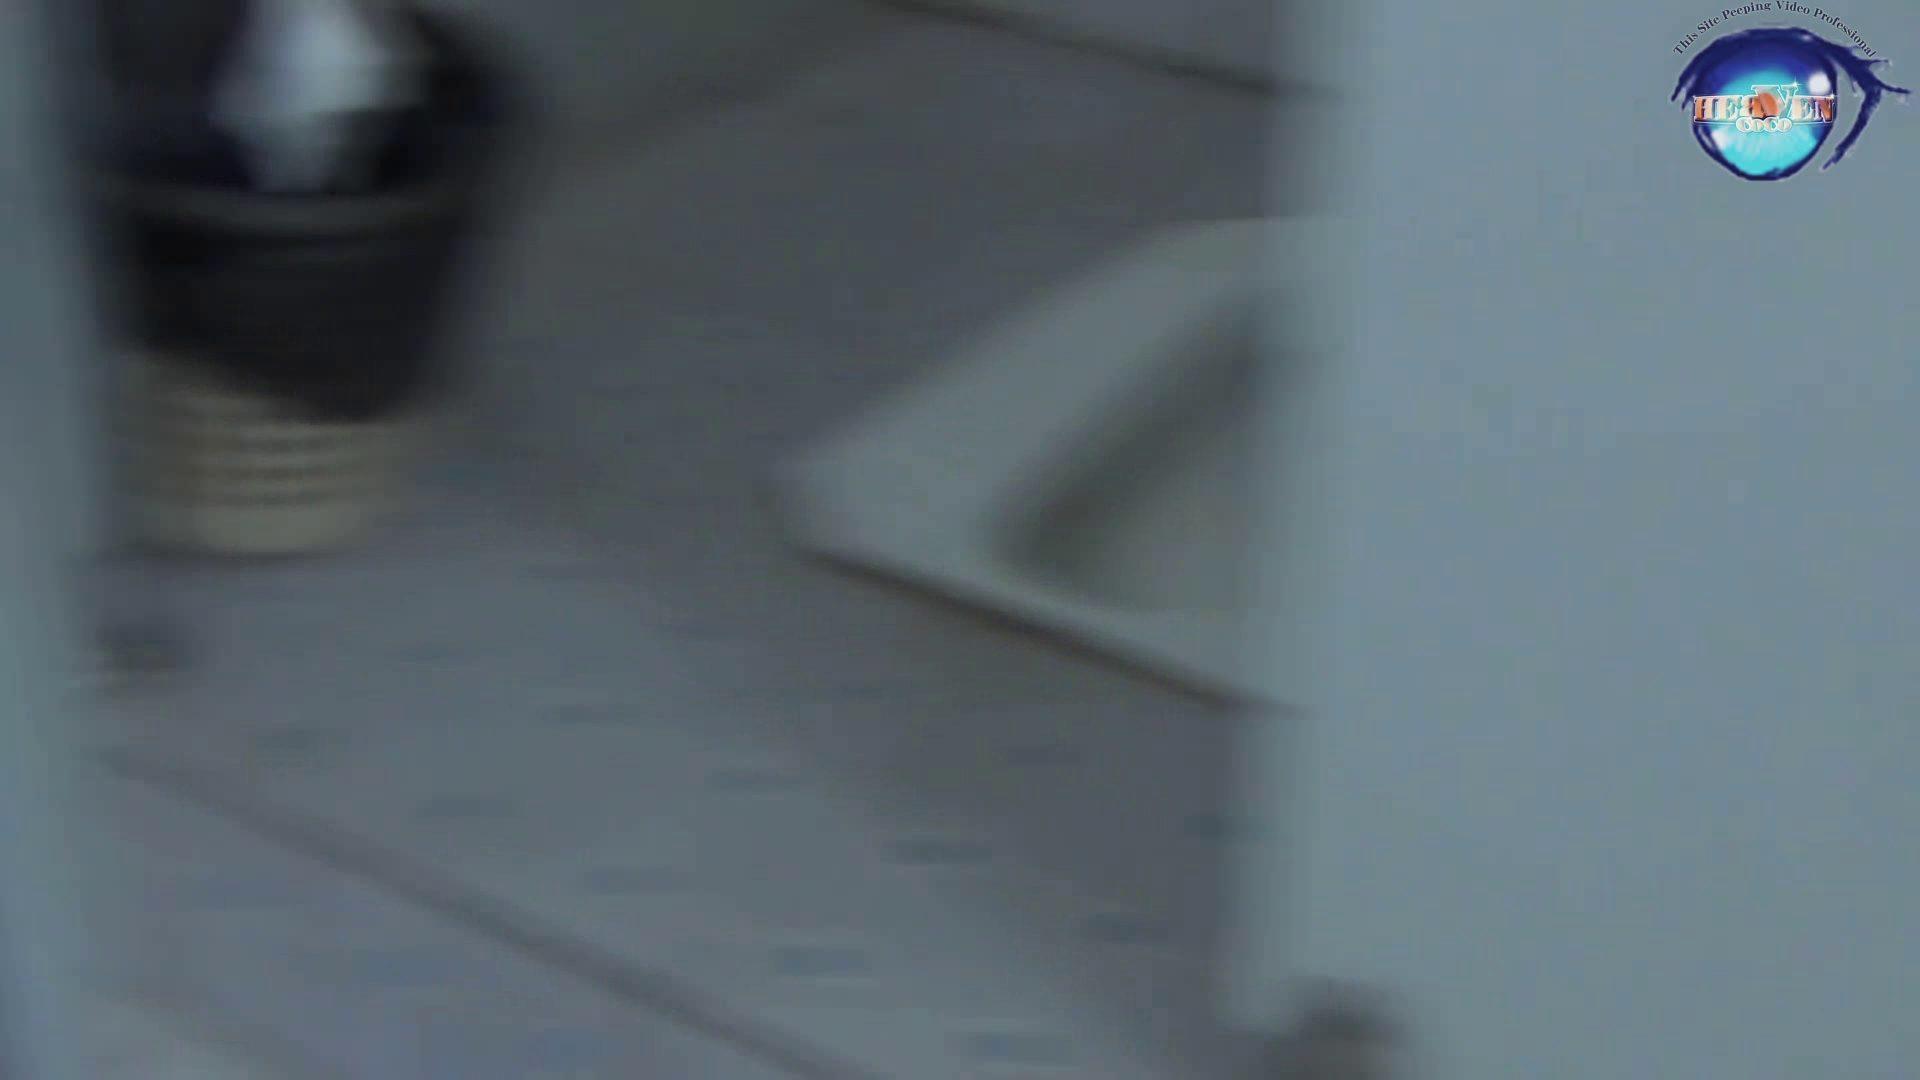 GOD HAND 芸術大学盗撮‼vol.53 OLエロ画像 隠し撮りおまんこ動画流出 100PICs 86